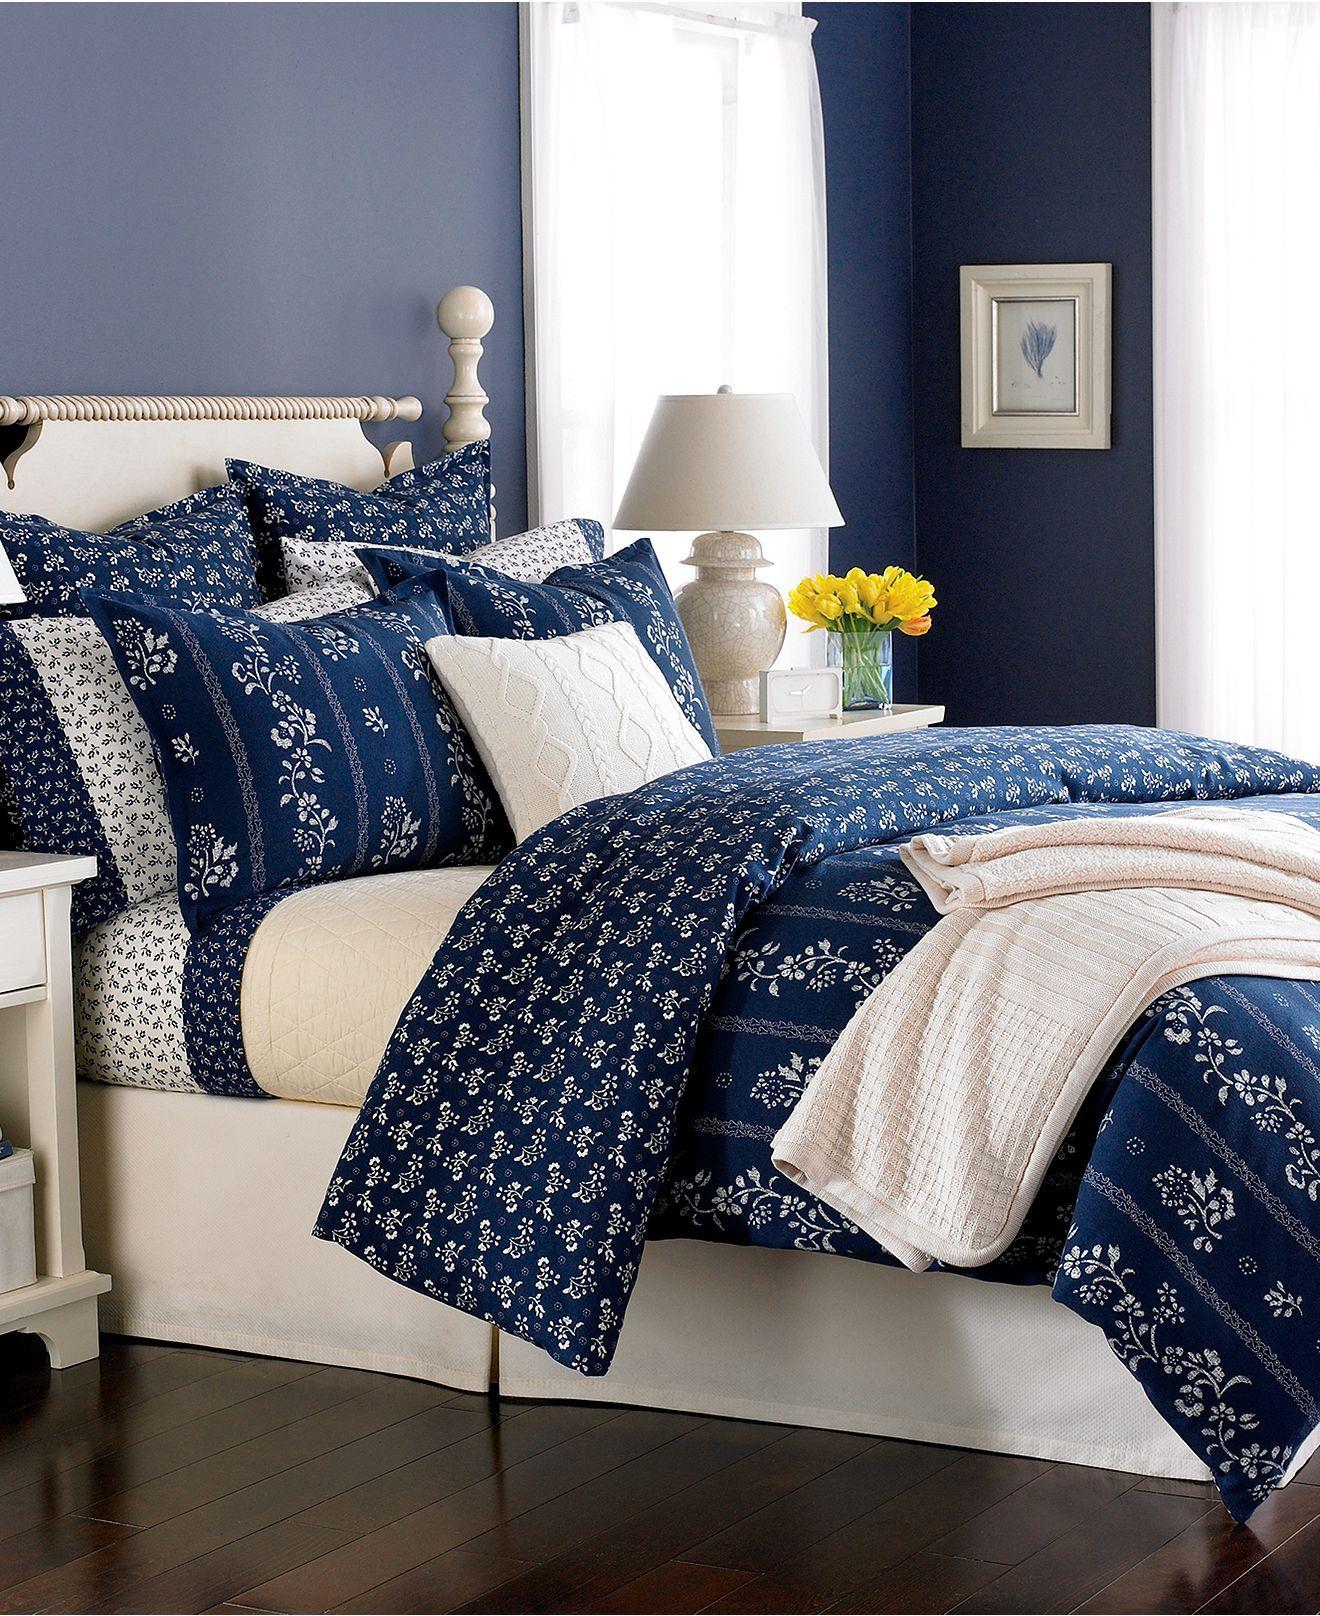 Martha Stewart Bedroom: Martha Stewart Collection Bedding,